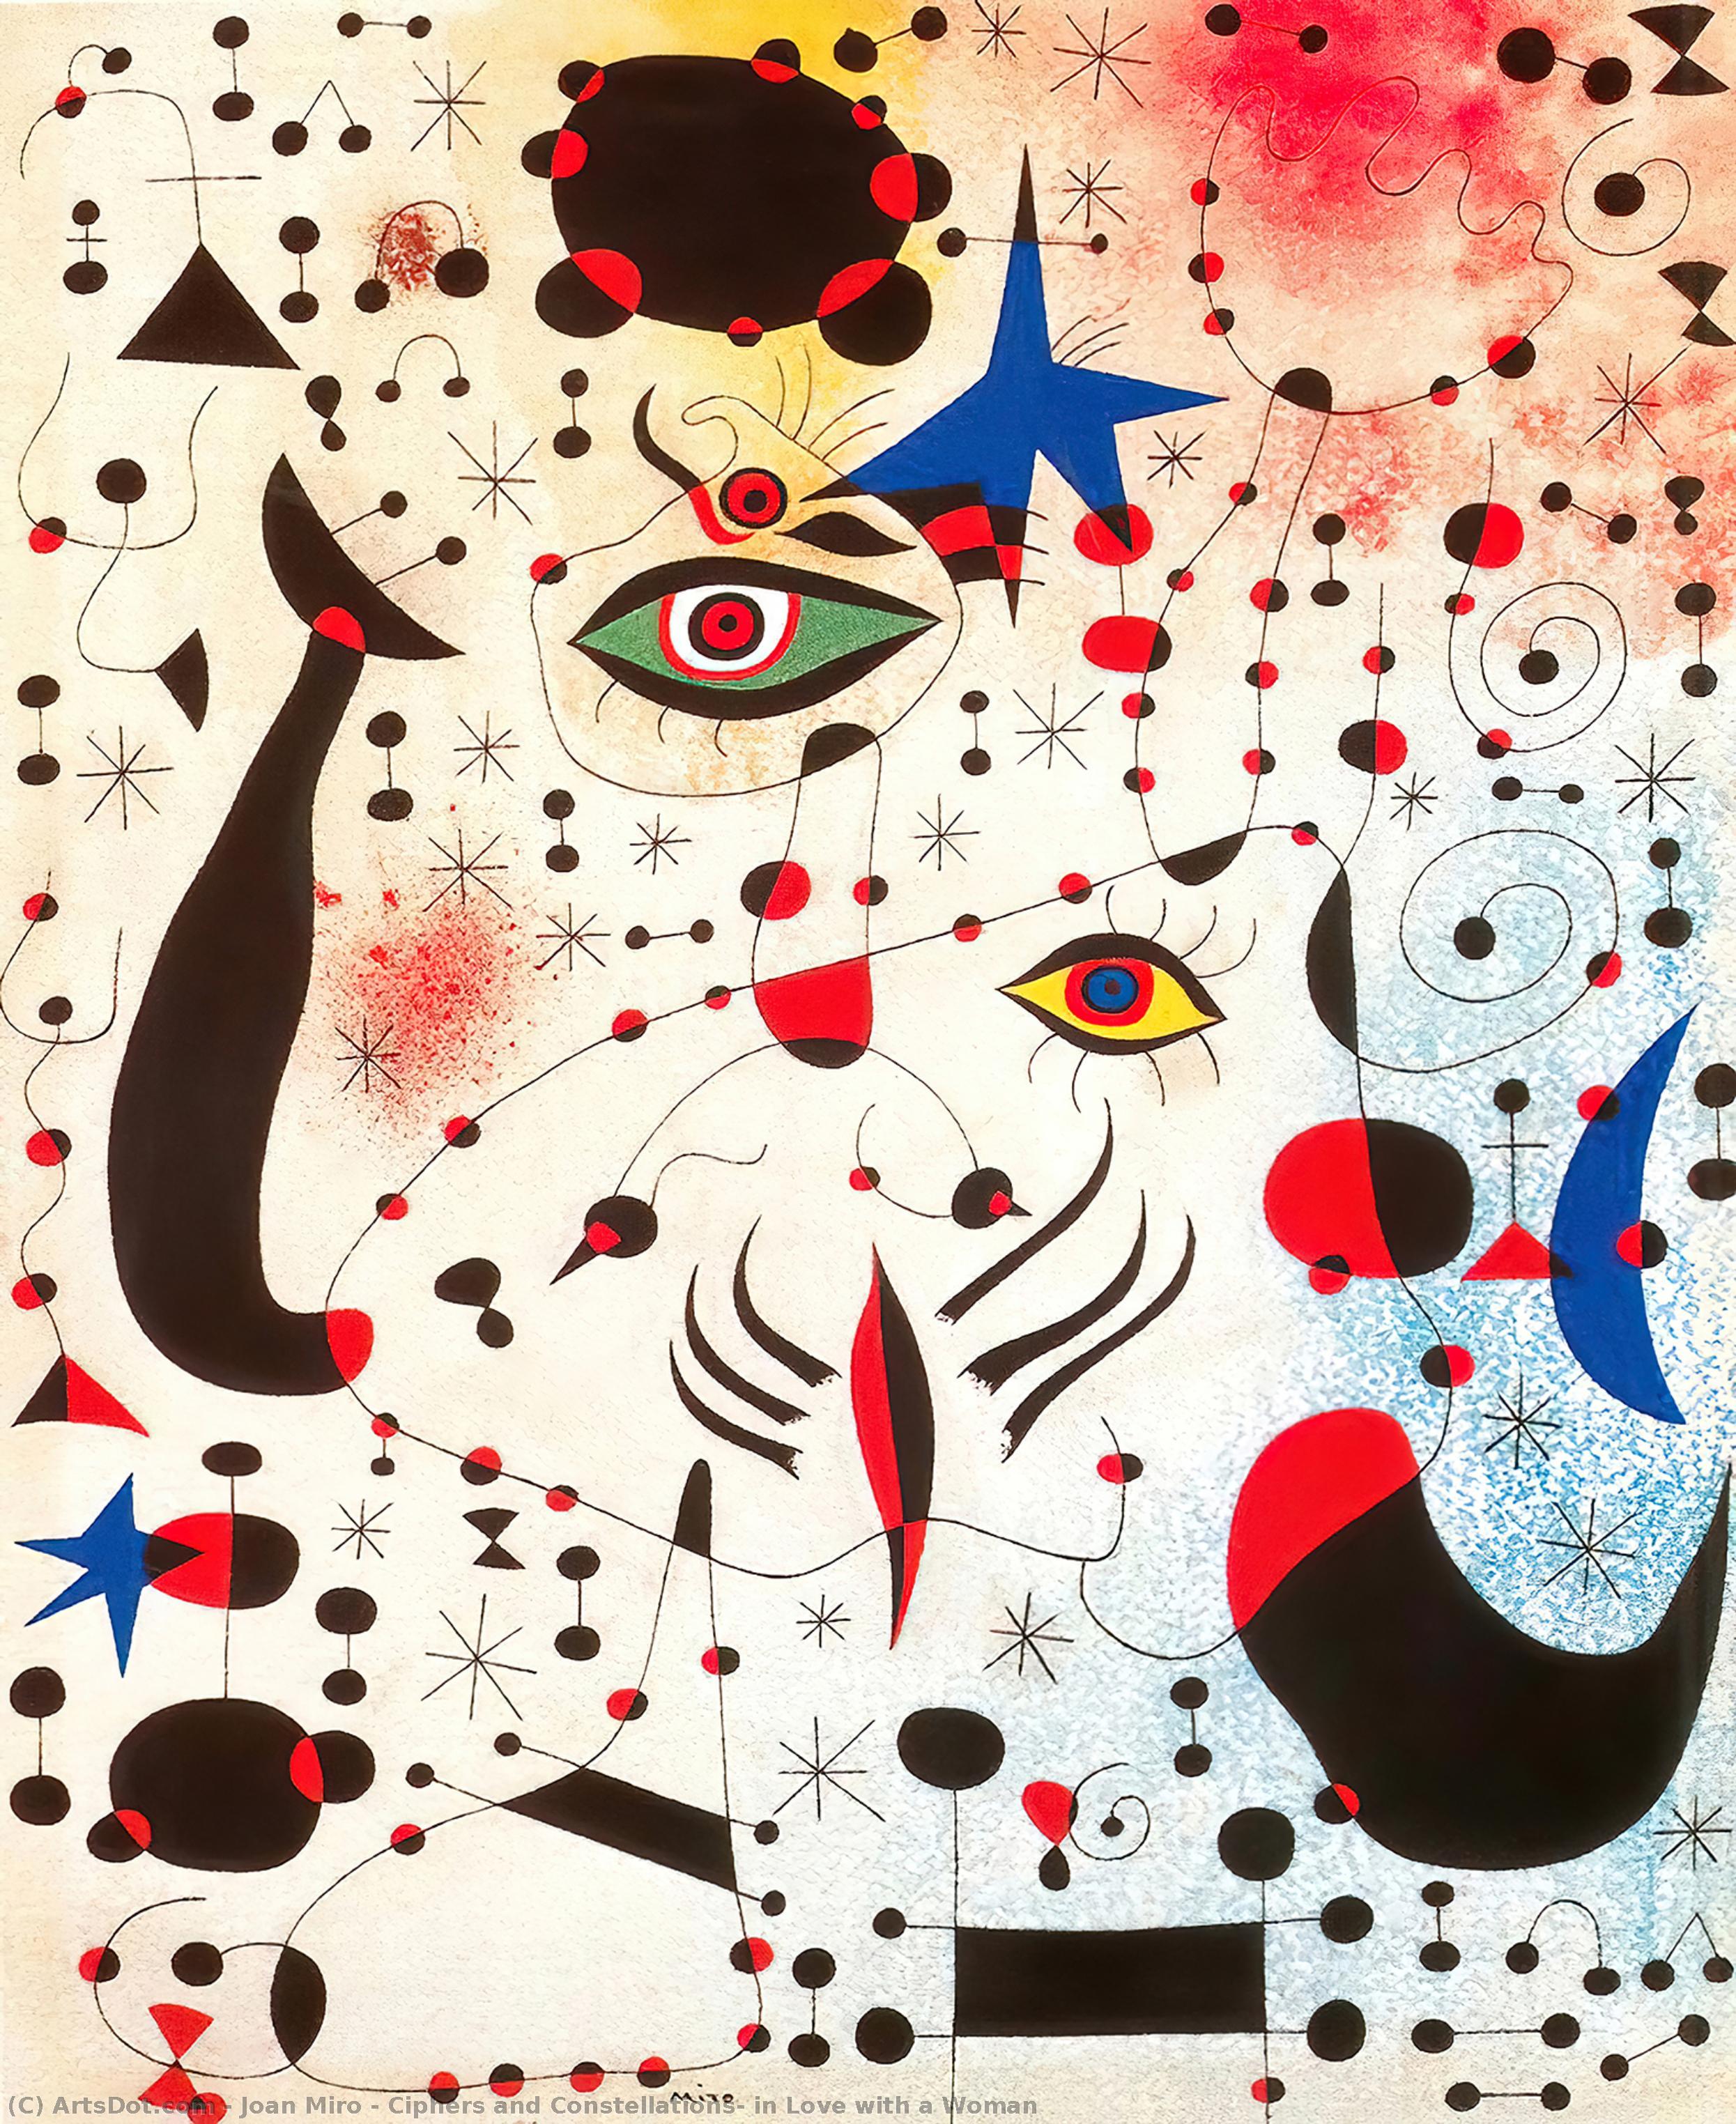 WikiOO.org - Enciklopedija dailės - Tapyba, meno kuriniai Joan Miro - Ciphers and Constellations, in Love with a Woman